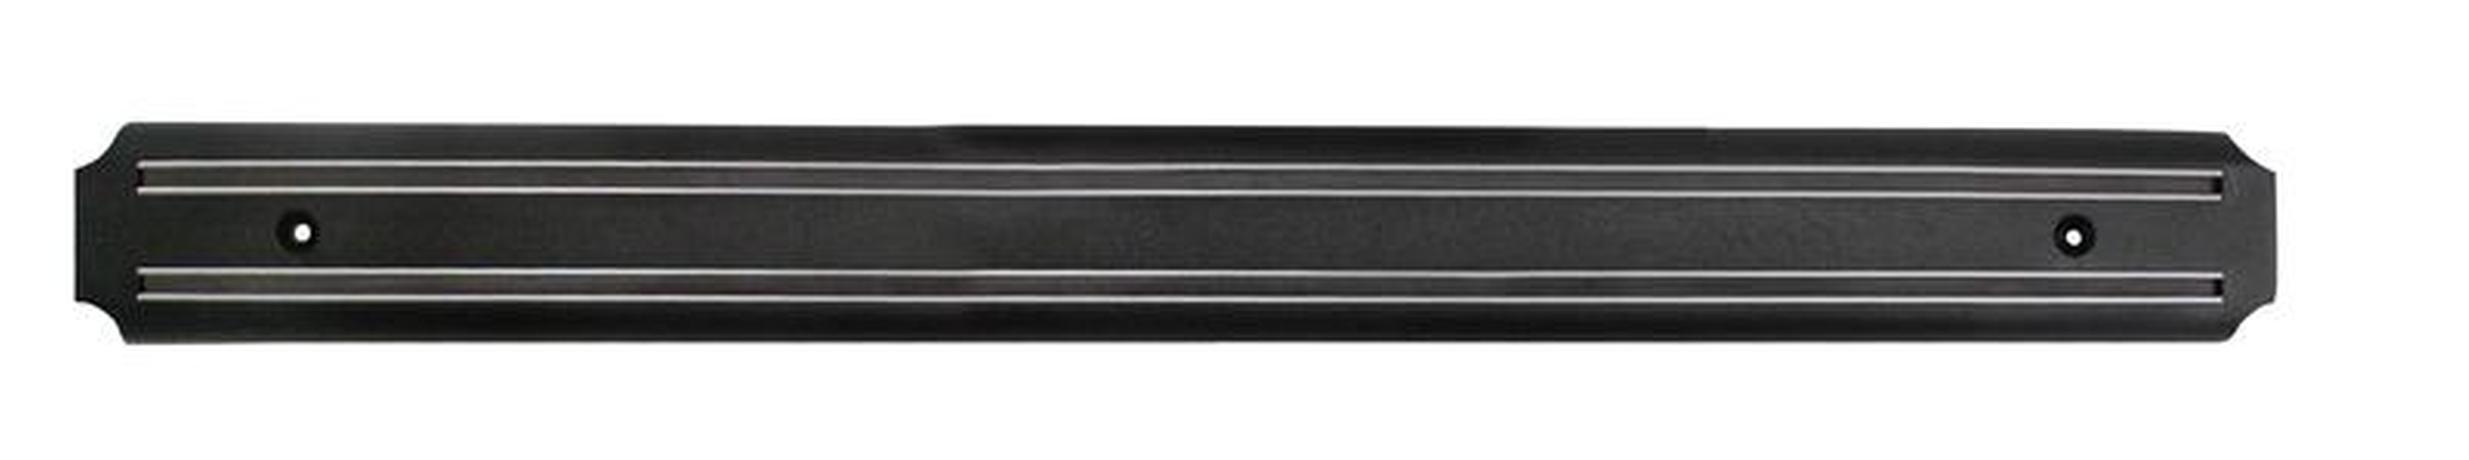 Provence Lišta magnetická na nože, 56 x 5 cm